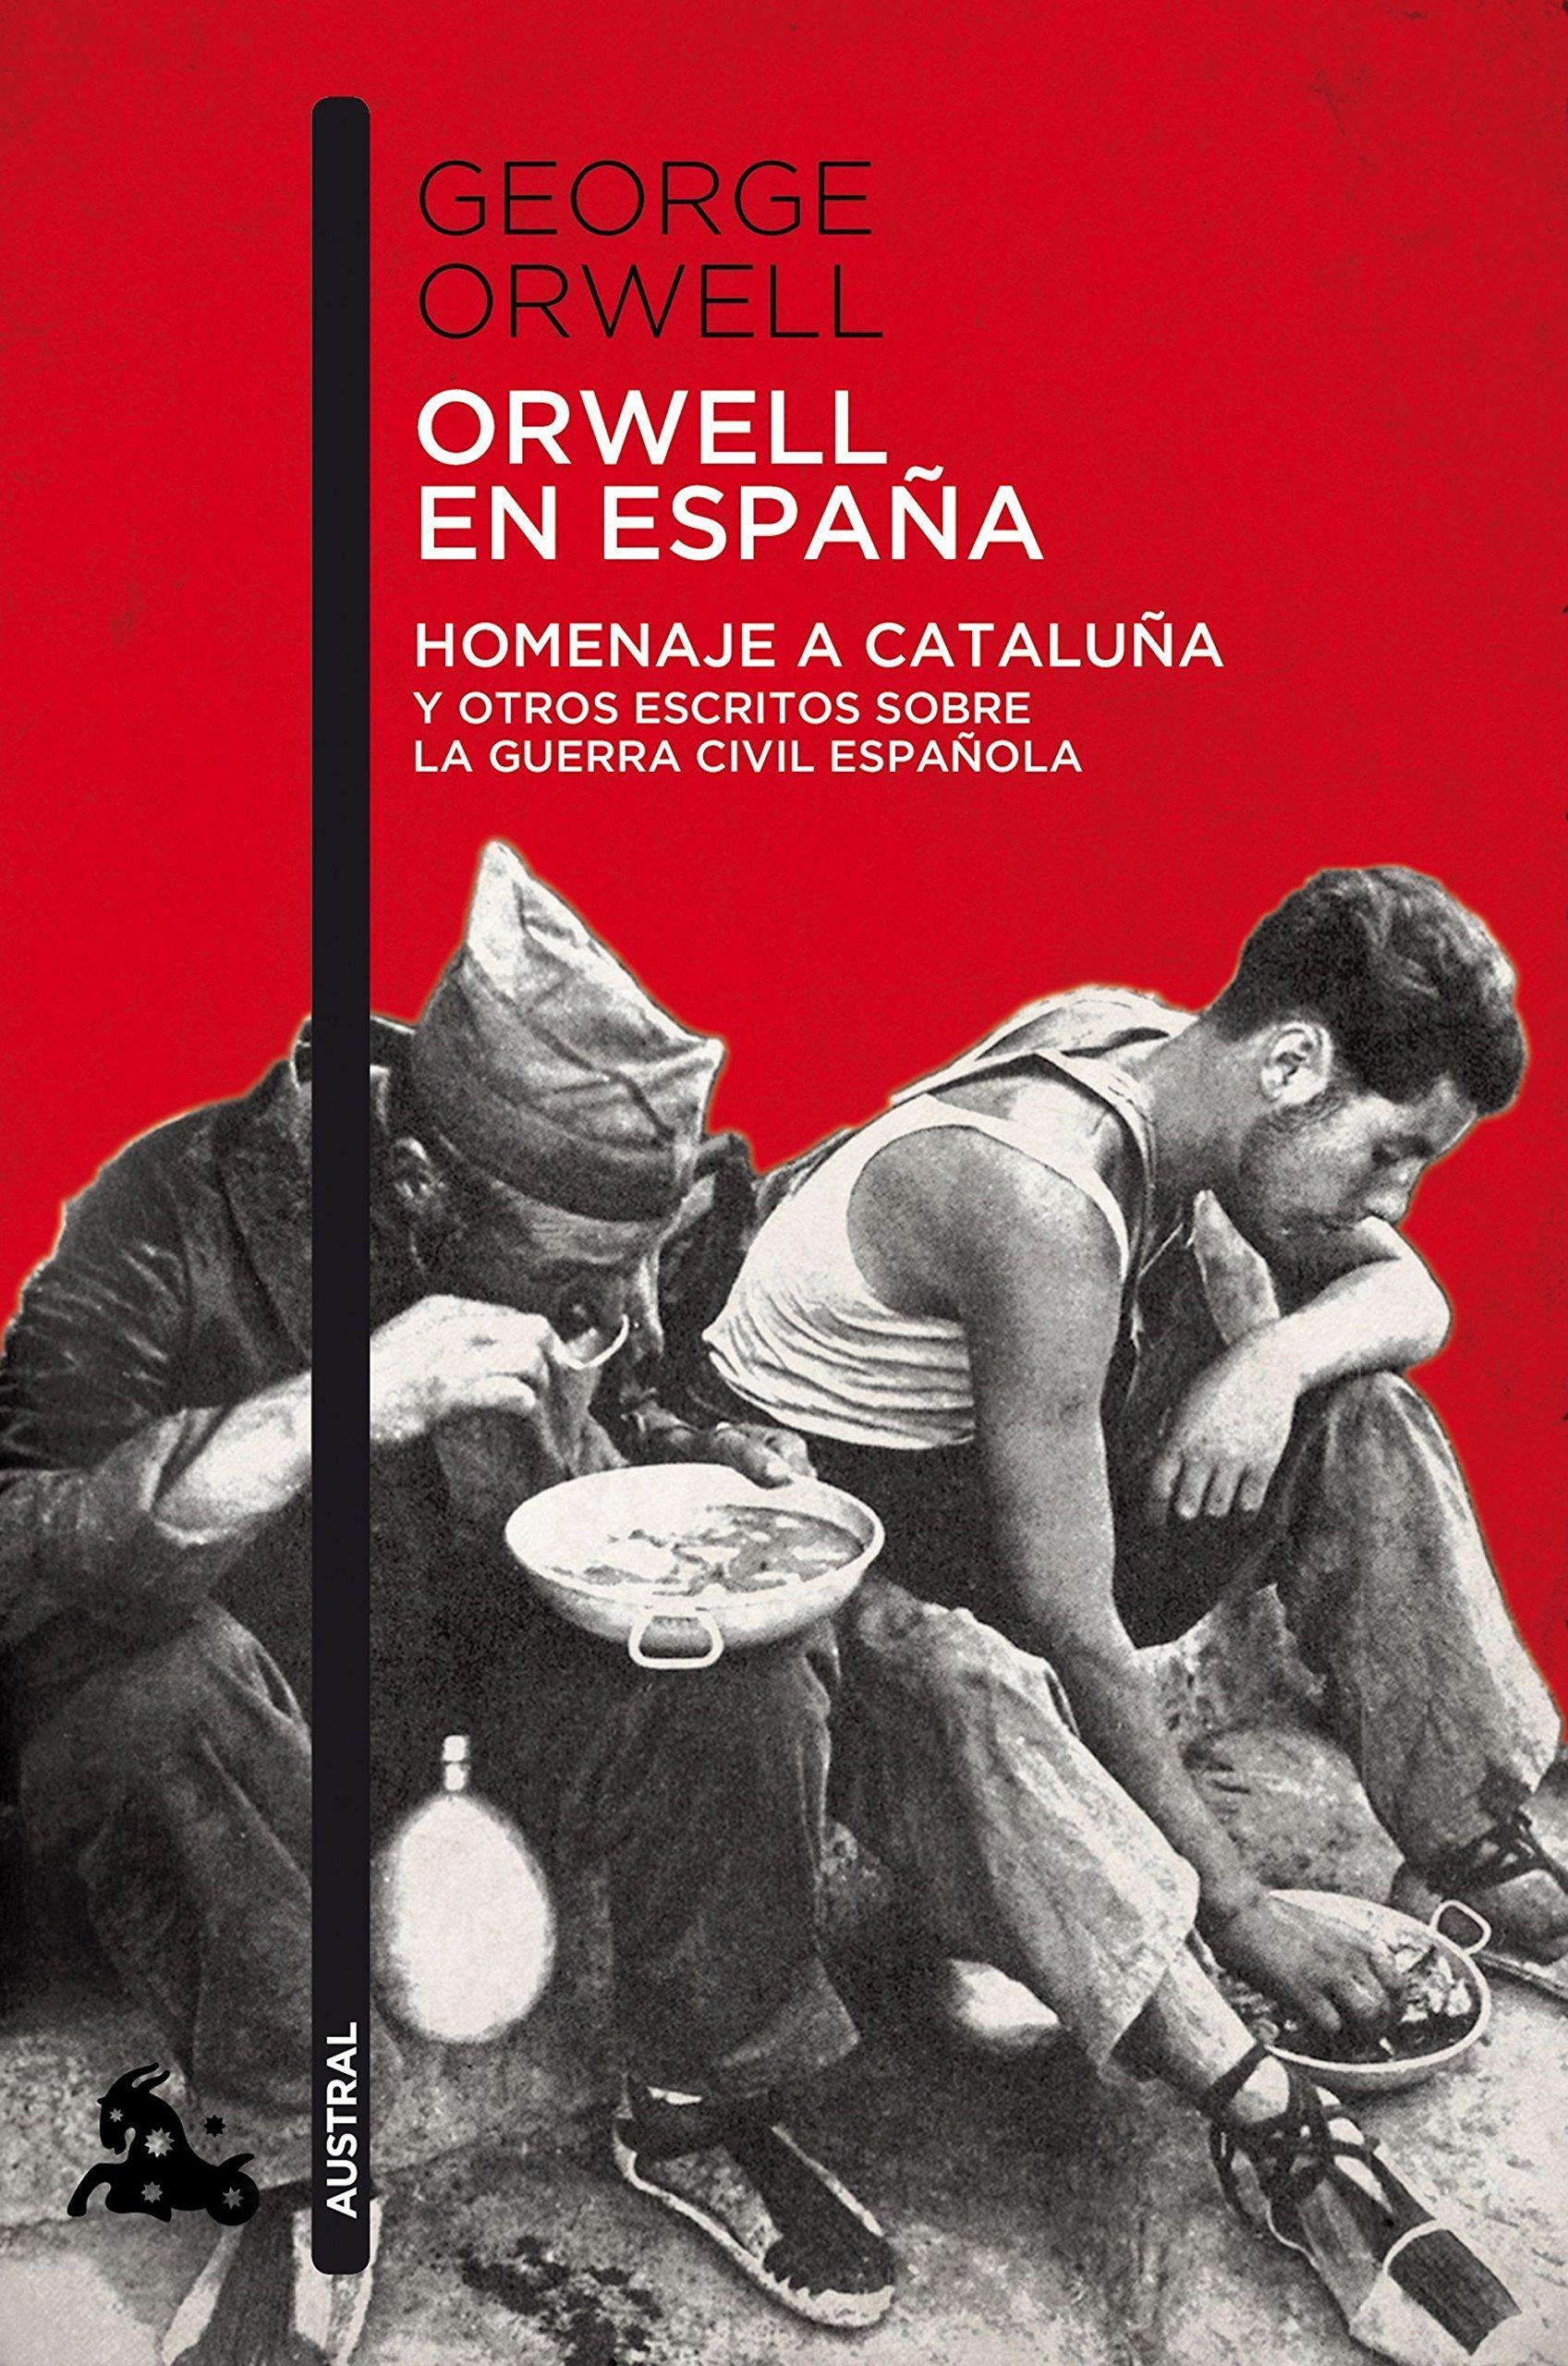 Orwell en España: Homenaje a Cataluña y otros escritos sobre la guerra civil española Contemporánea: Amazon.es: Orwell, George, Moya, Antonio-Prometeo: Libros